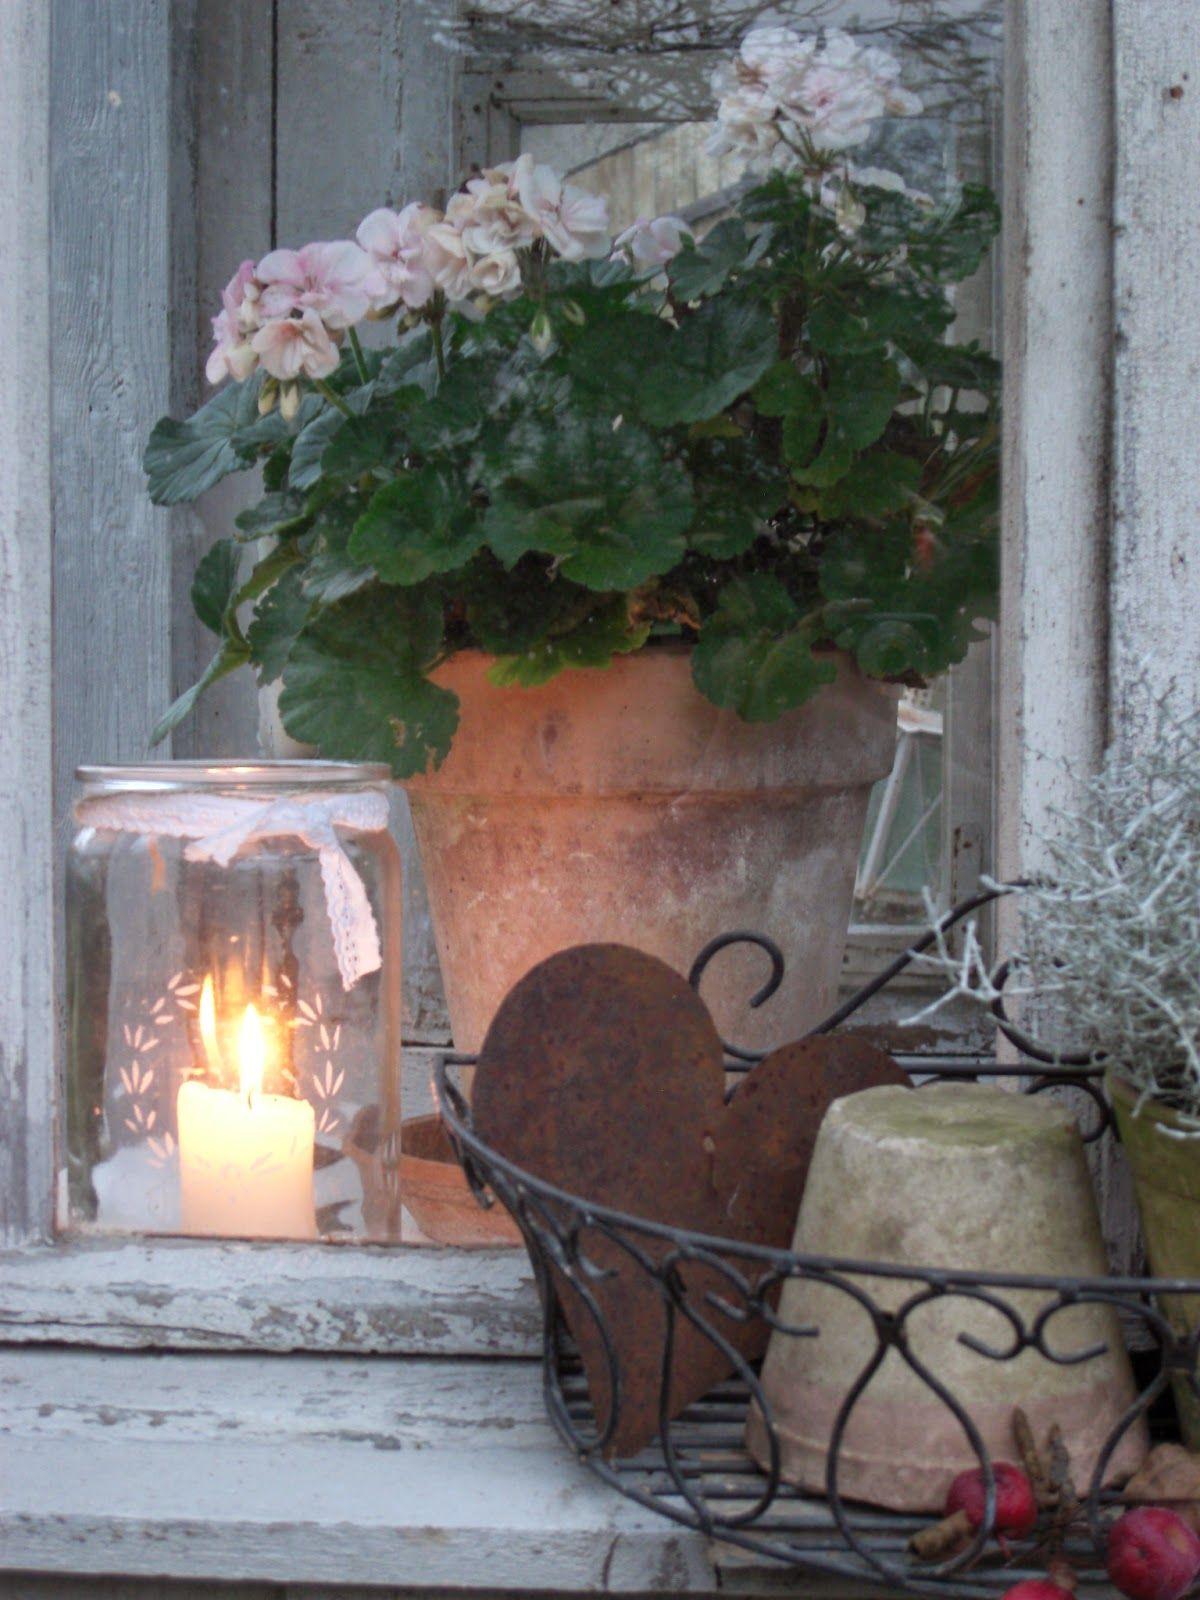 Herbstzeit Herbst dekoration, Gartendekor, Fensterbank